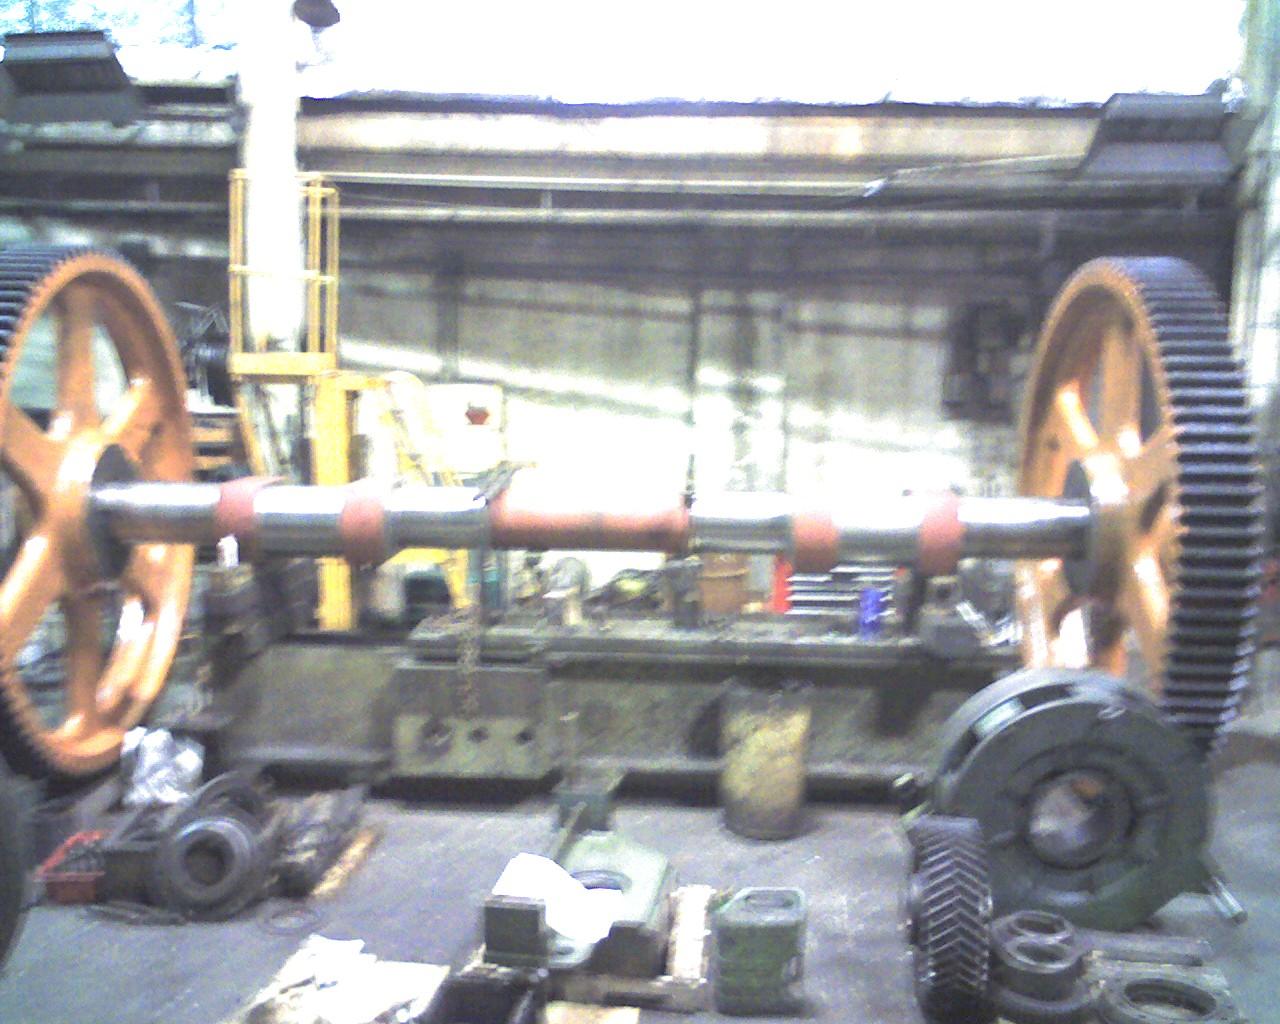 midwest machine